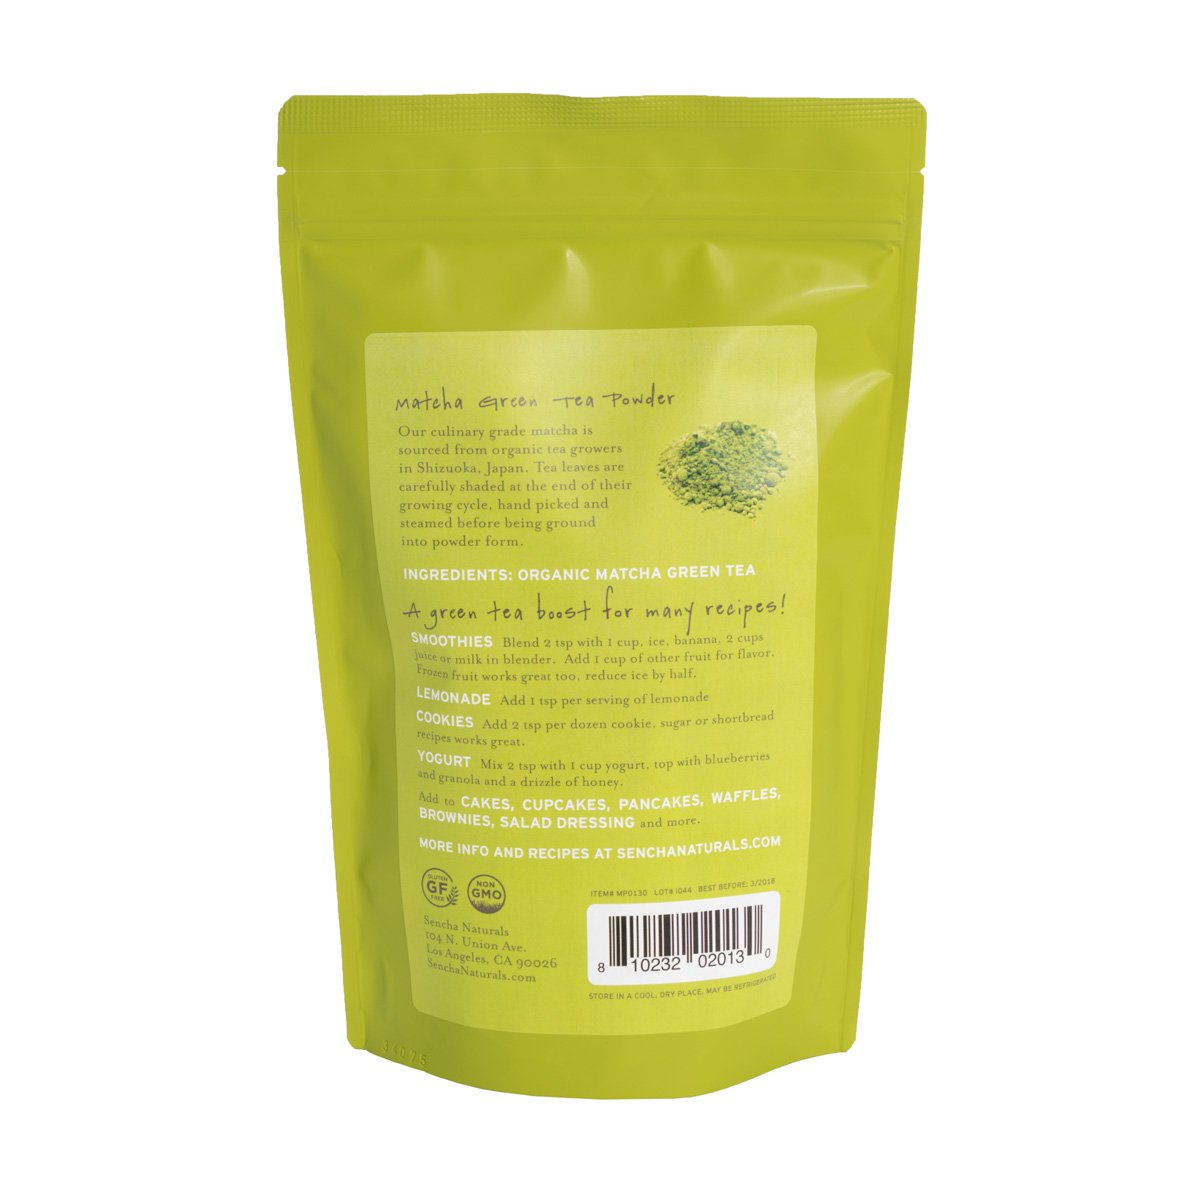 Sencha Naturals Culinary Grade, Organic Matcha Powder, 16 Ounce by SENCHA NATURALS (Image #2)